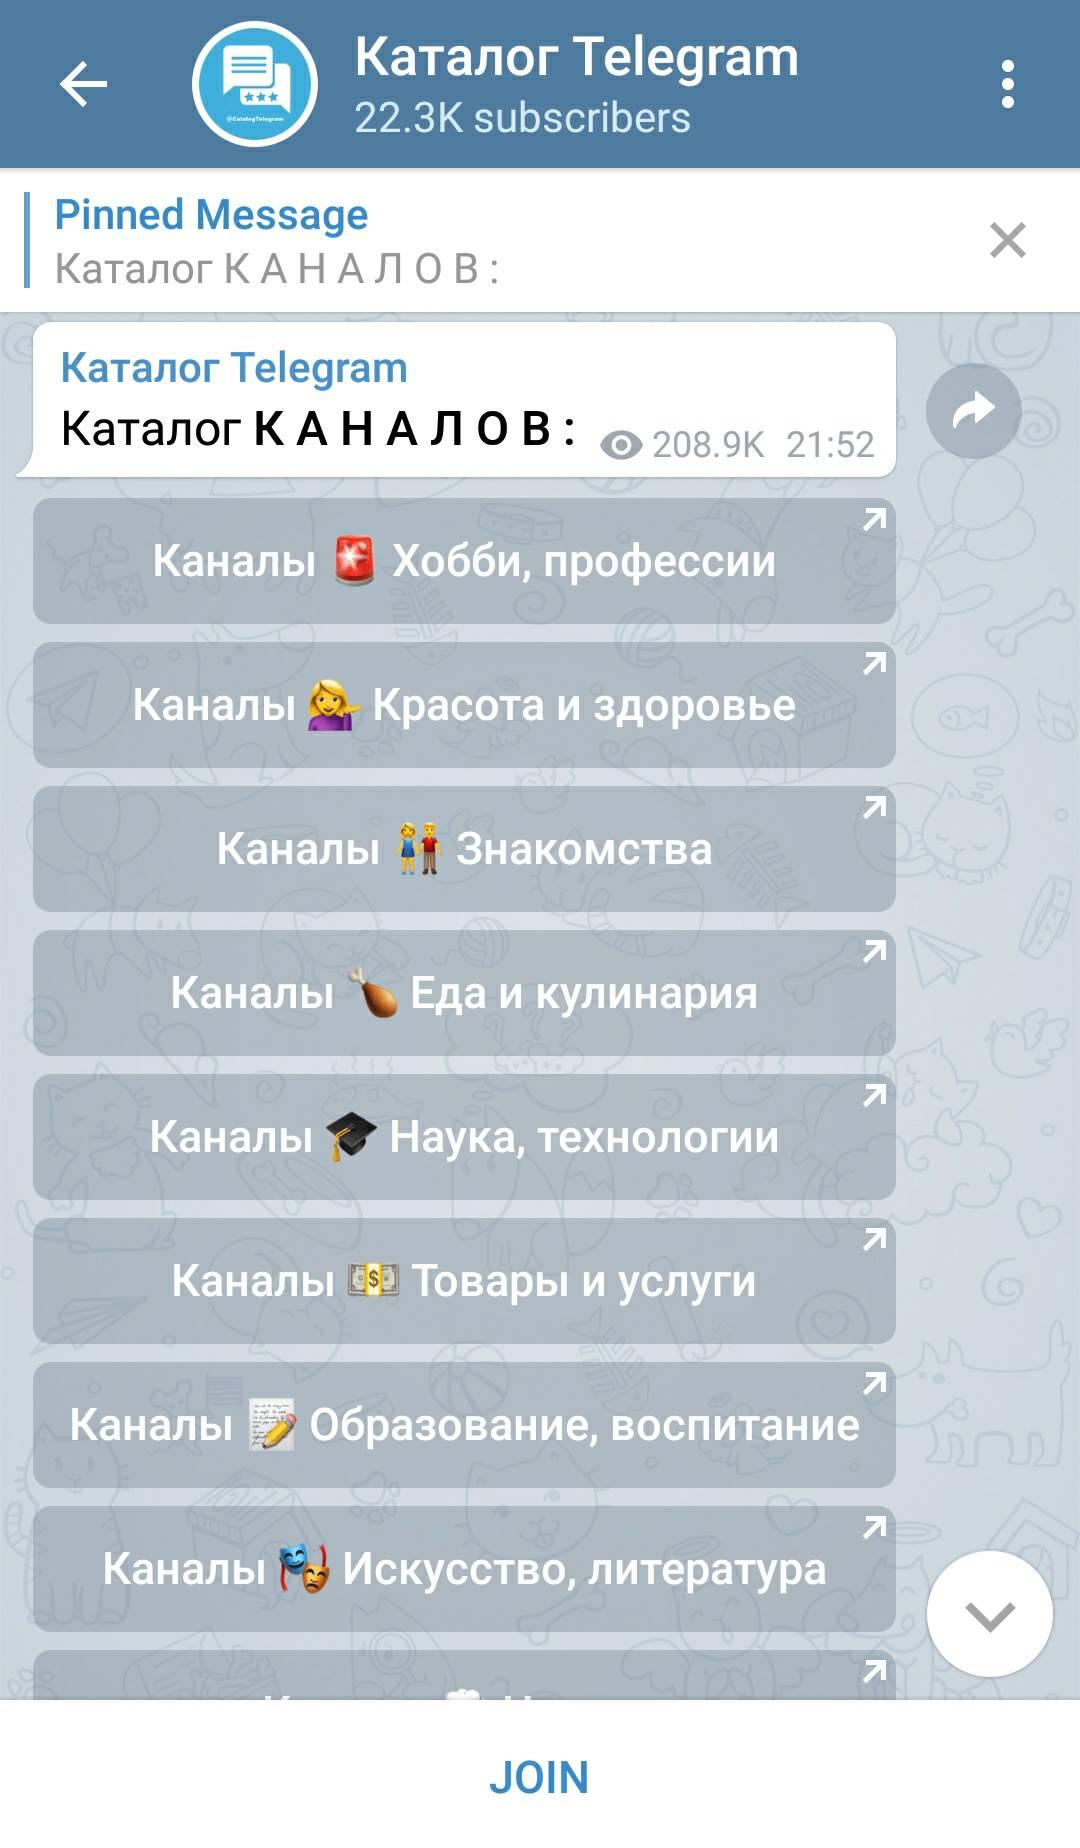 Ник в Телеграмм : получить, добавить, изменить имя в Telegram Узнать ID 61